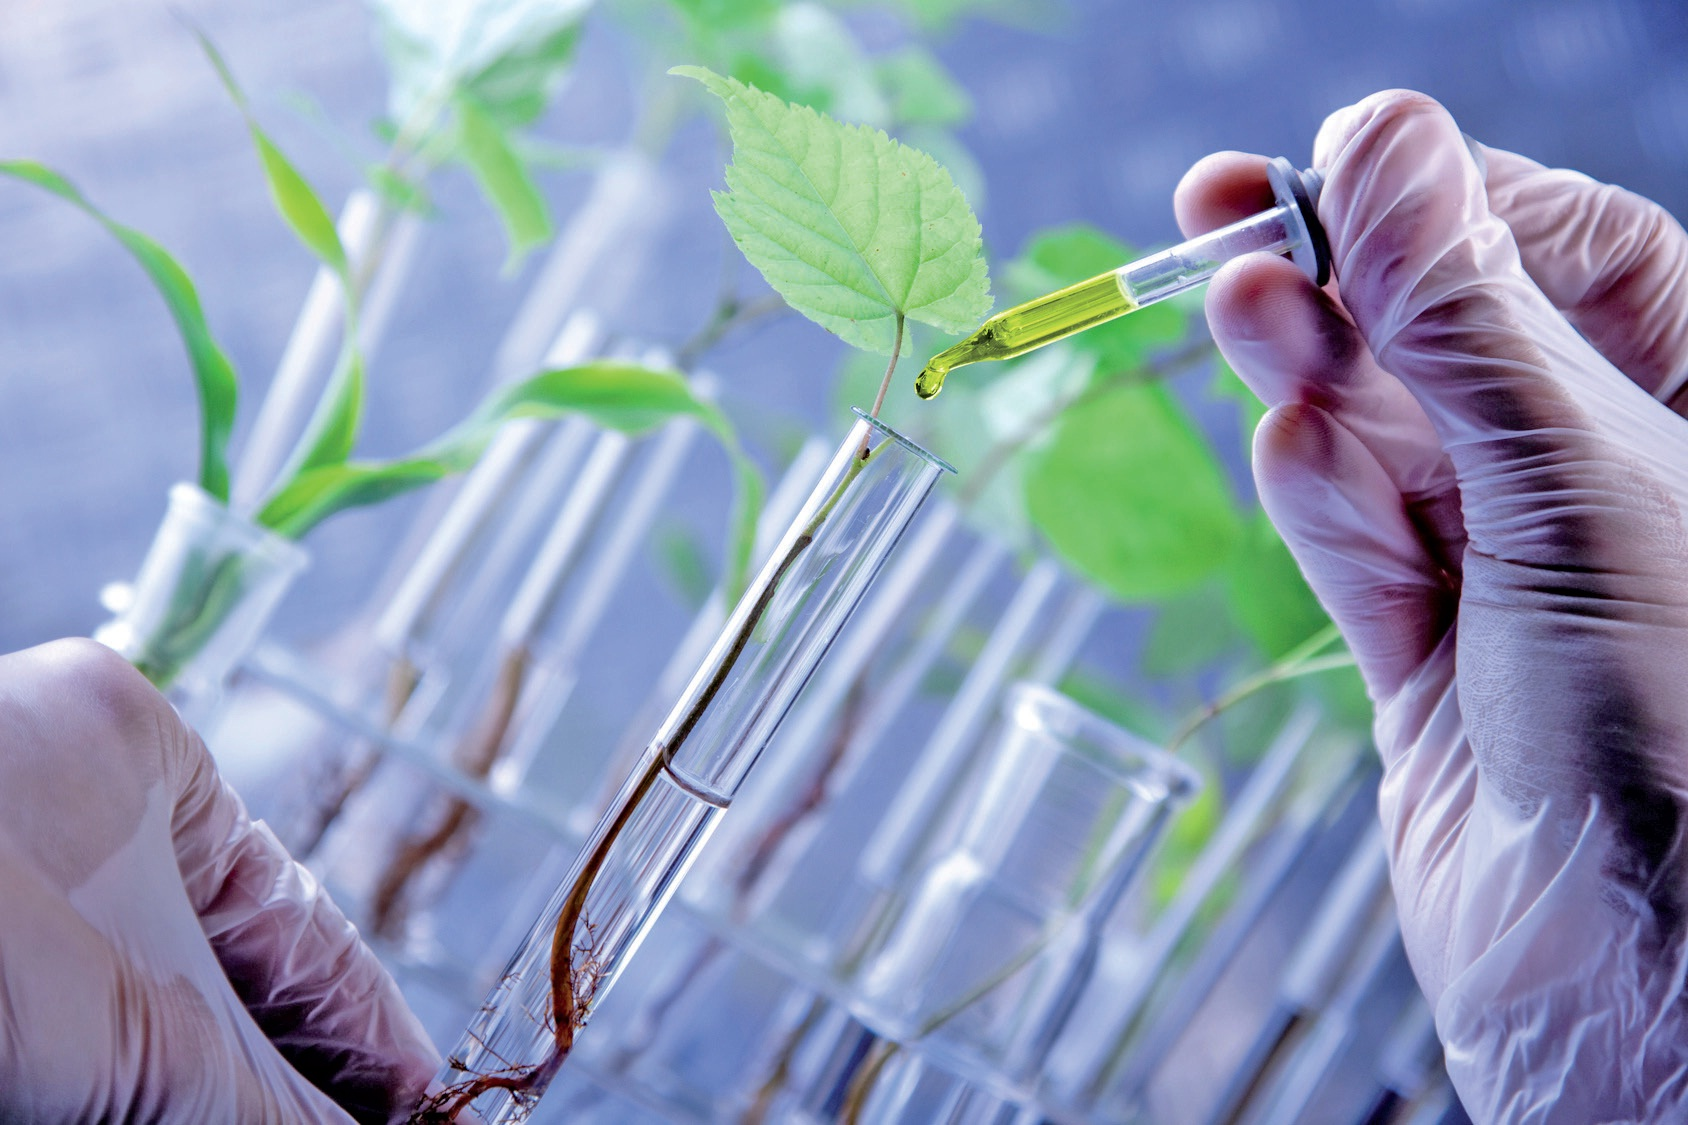 La chimie du végétal, une alternative pertinente basée sur un modèle économique local.